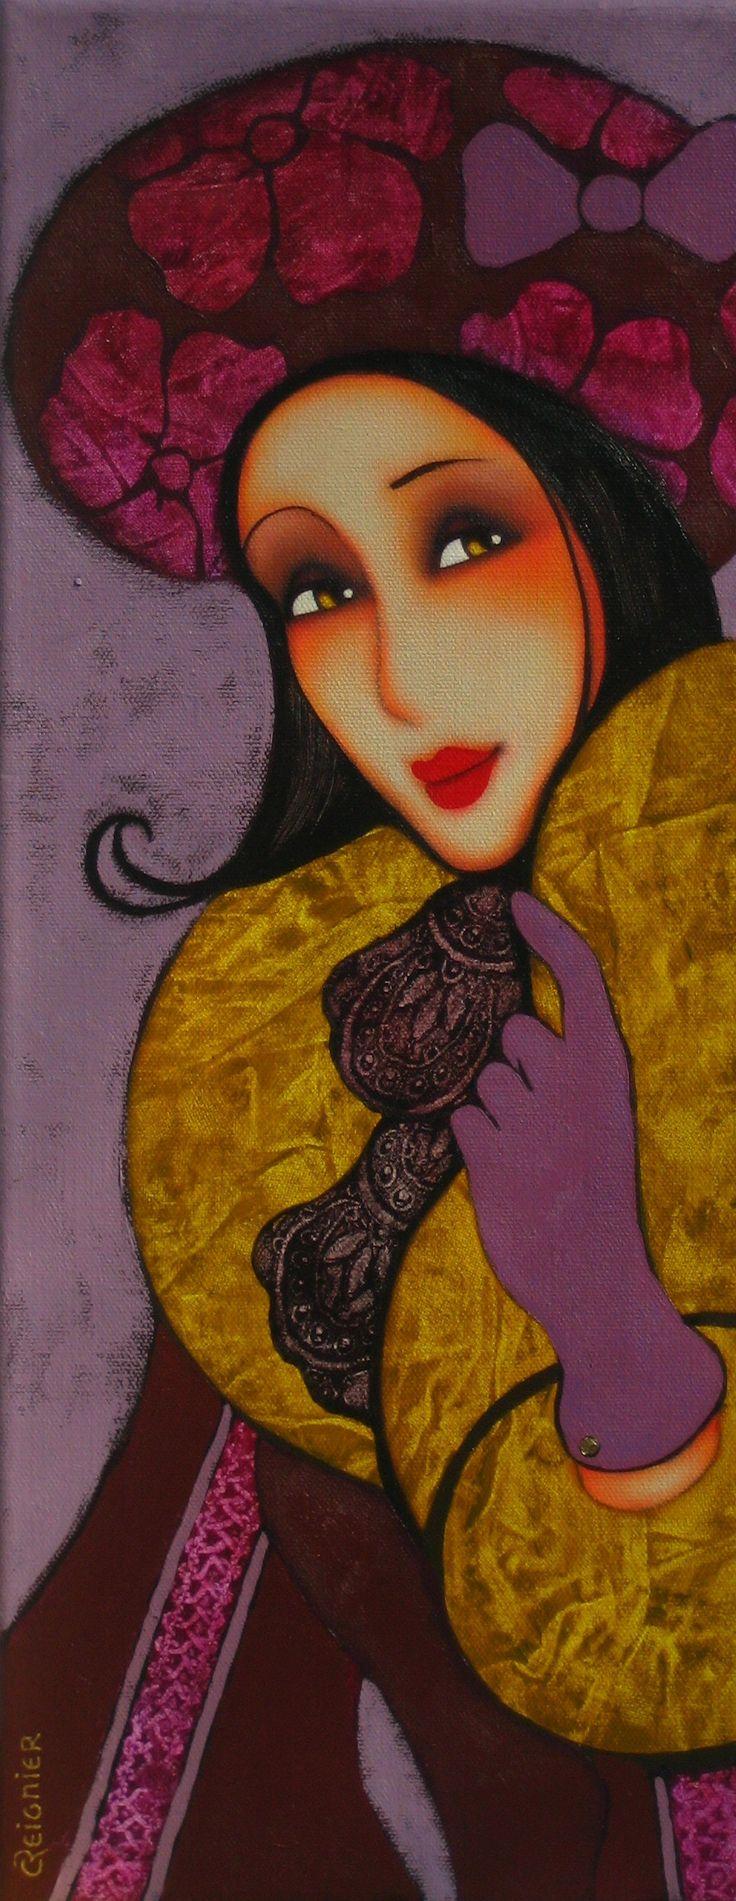 Color art nantes - Art By Corinne Reignier